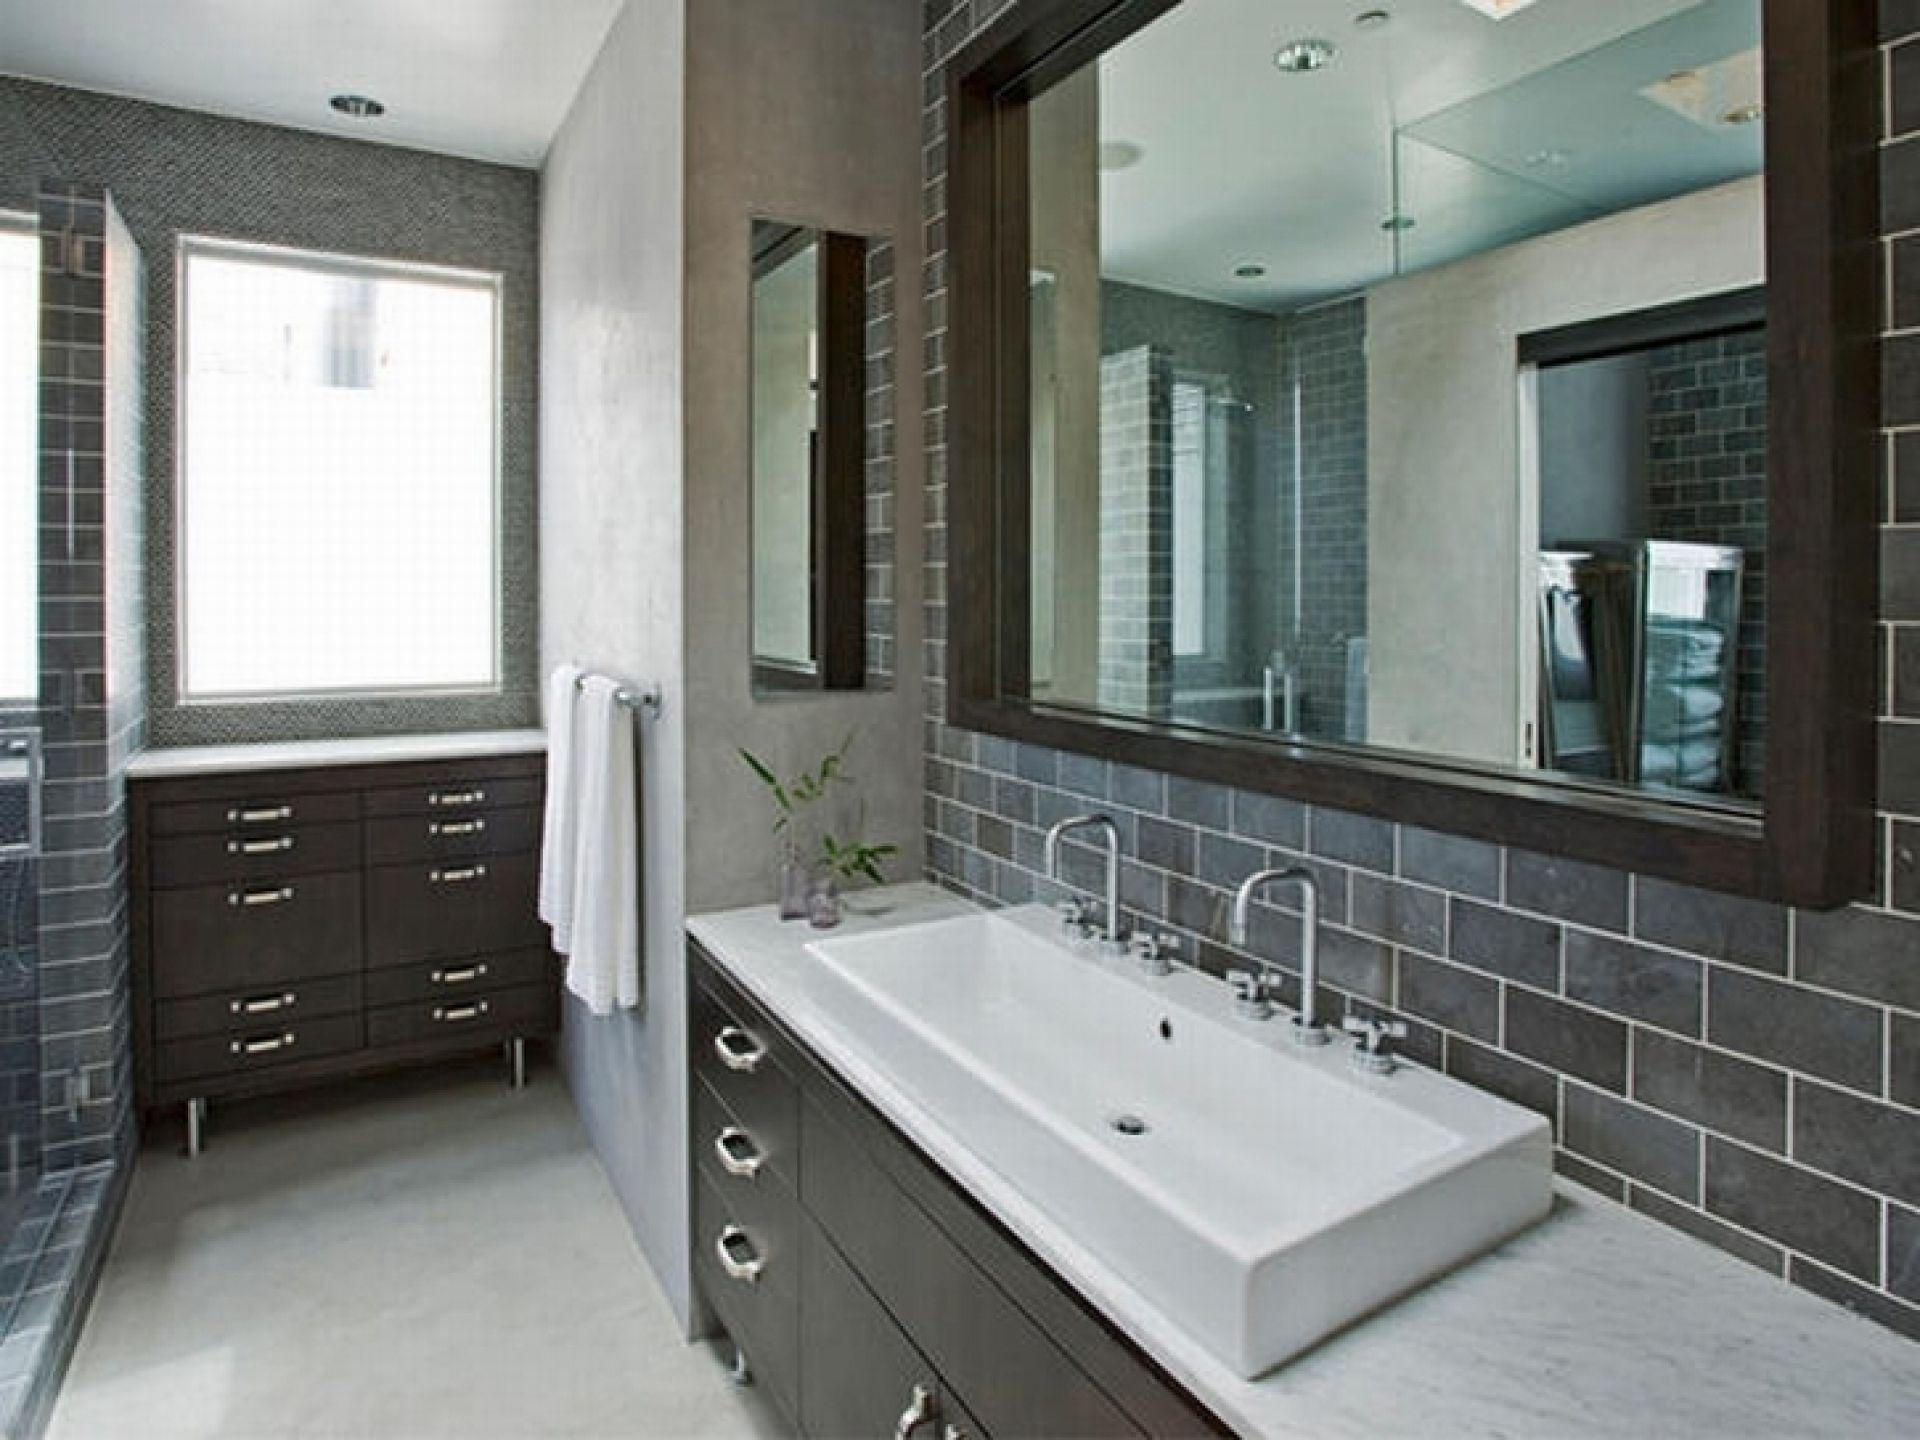 In this masculine modern bathroom, designer Randy Weinstein ... Tile Masculine Modern Bathroom Design on classy bathroom tile, smooth bathroom tile, funny bathroom tile, male bathroom tile, floral bathroom tile, sexy bathroom tile, nature bathroom tile, single bathroom tile, school bathroom tile, light bathroom tile, home bathroom tile, earthy bathroom tile, masculine paint, natural bathroom tile, masculine kitchen, common bathroom tile, contemporary bathroom tile, women bathroom tile, geometric bathroom tile, straight bathroom tile,